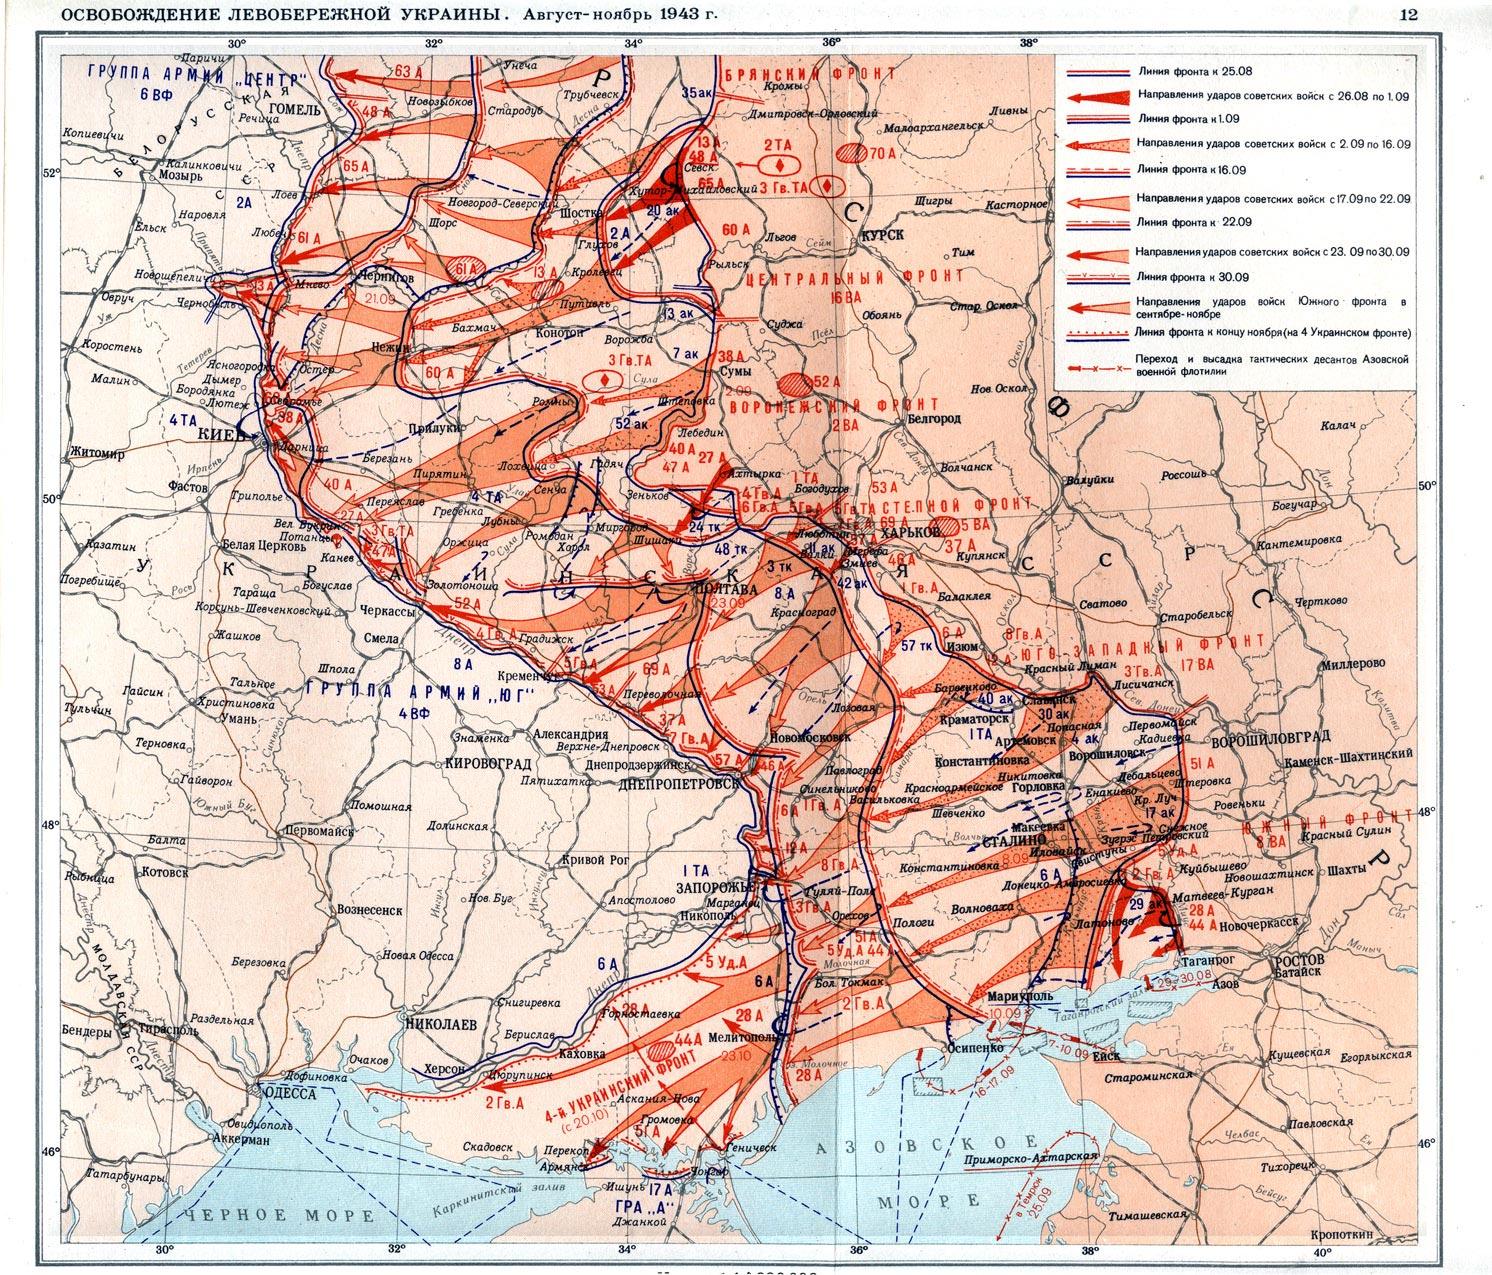 Карты Великой Отечественной войны/1943/levobereg_ukraina_osvob.